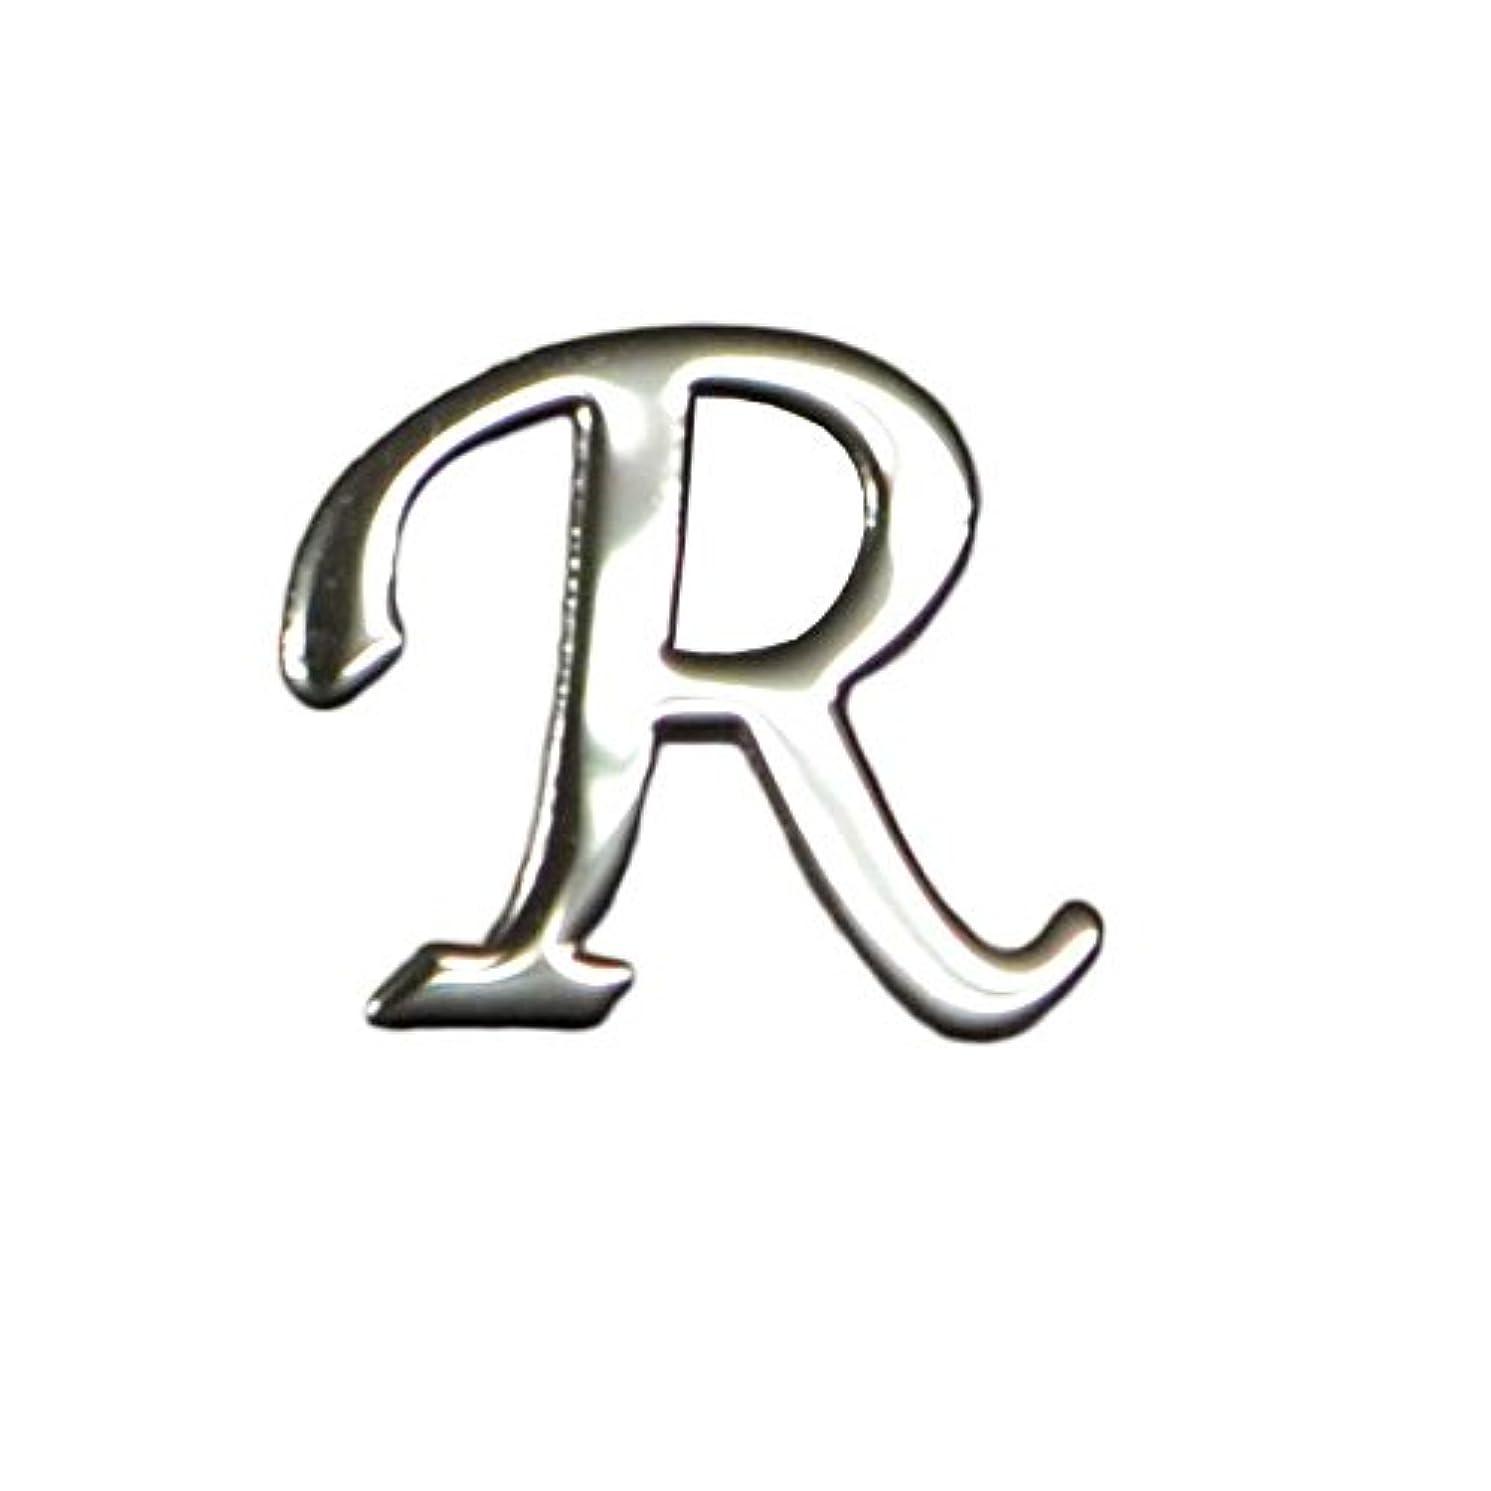 悔い改めピグマリオンあなたはR/シルバー?人気の書体のアルファベットイニシャルパーツ!5mmx6mm10枚